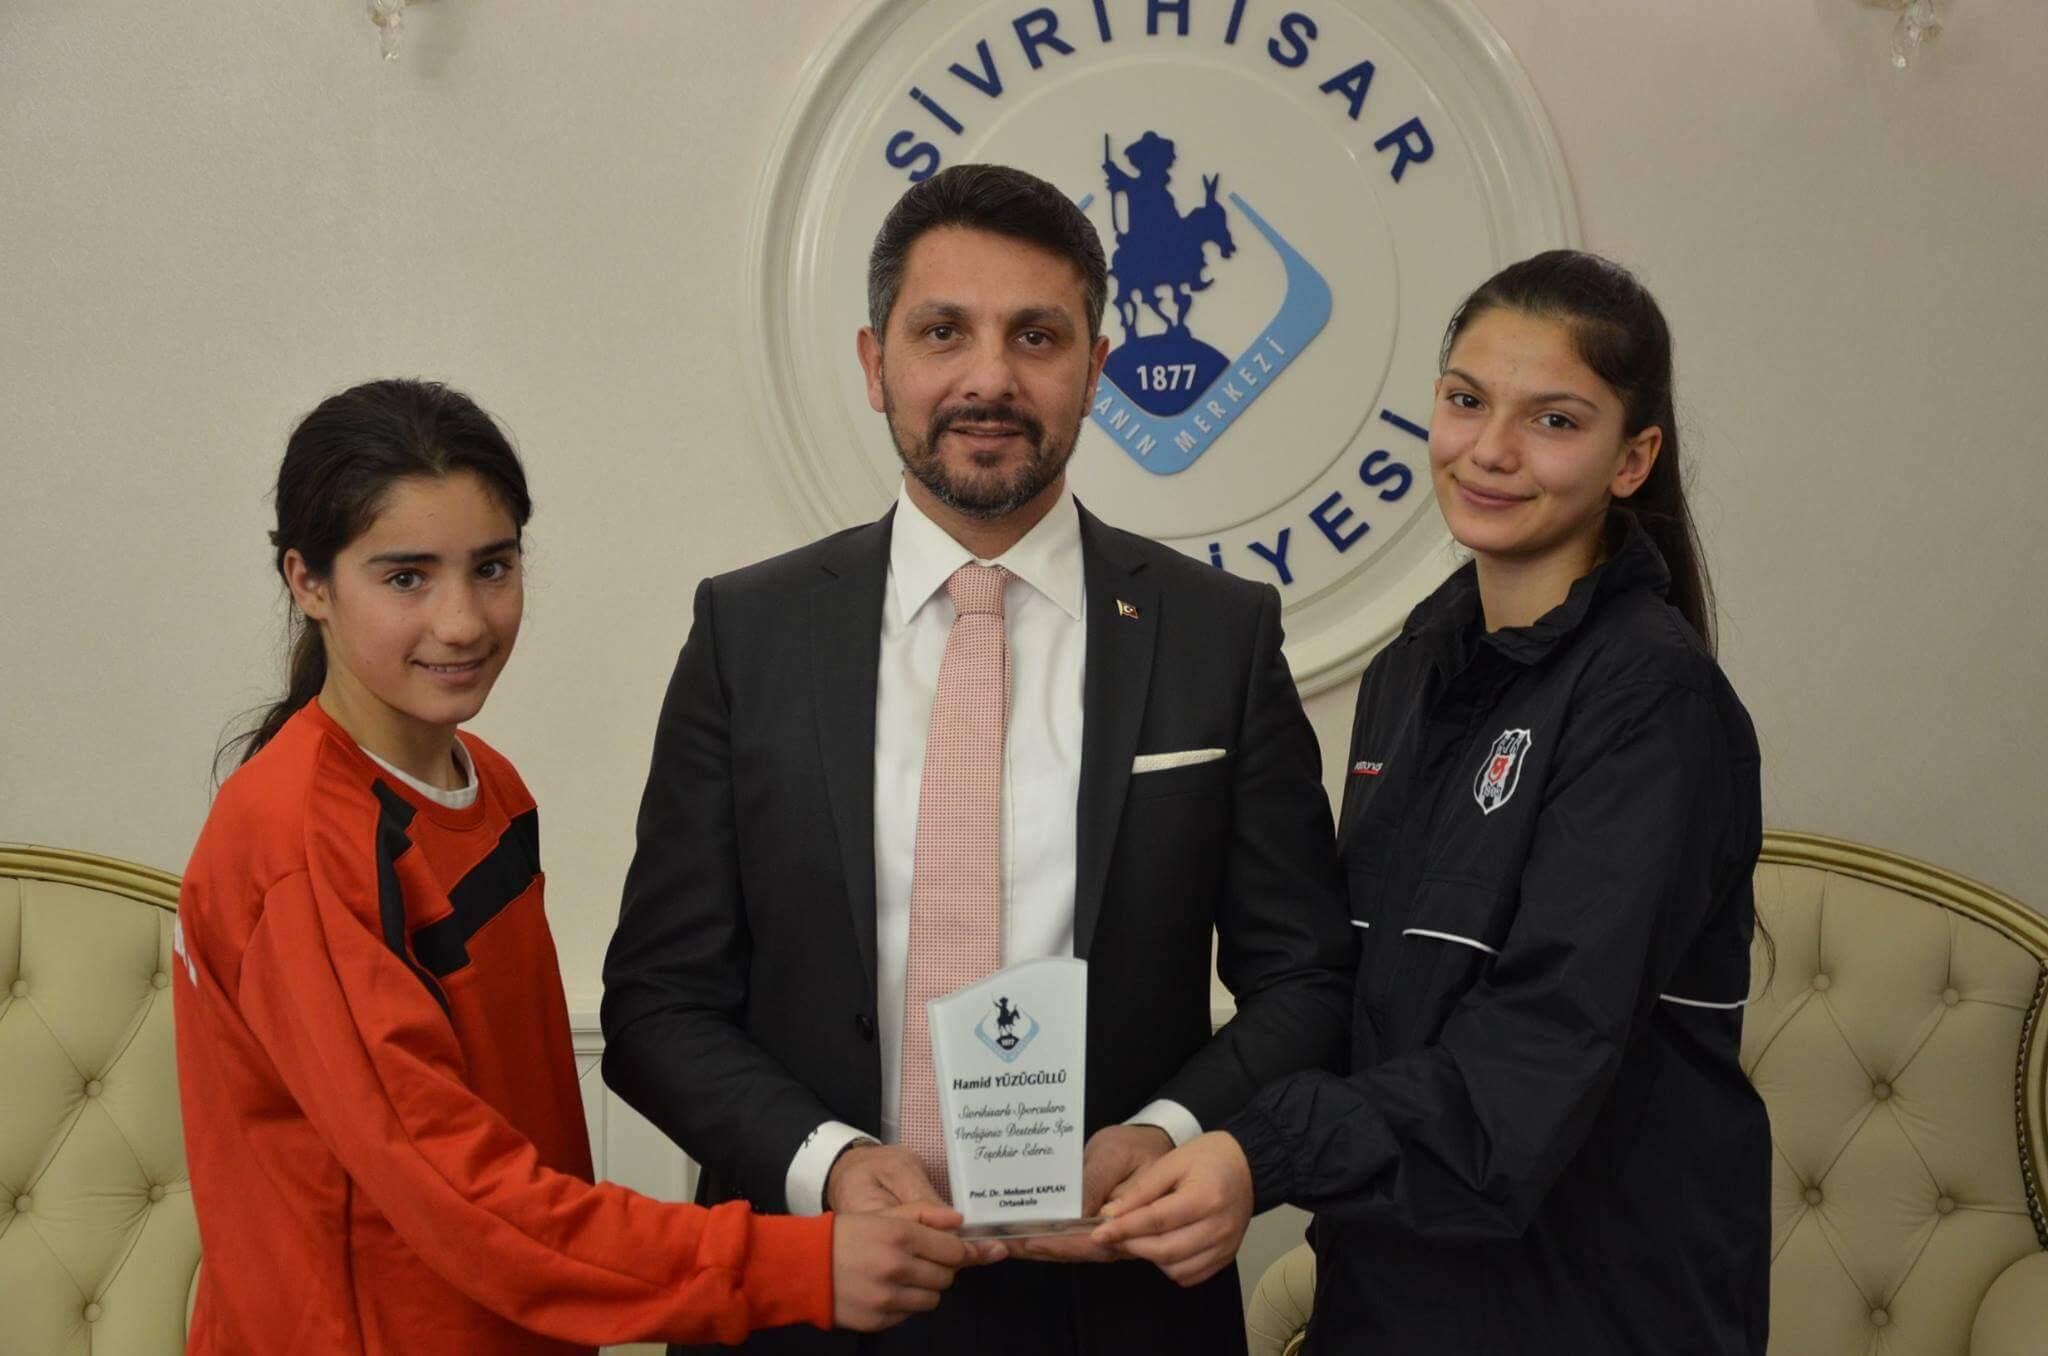 Sivrihisarlı öğrencilere, spora ve sporcuya verdiği destekler dolayısı ile Başkan Yüzügüllü' ye Teşekkür Plaketi takdim edildi.